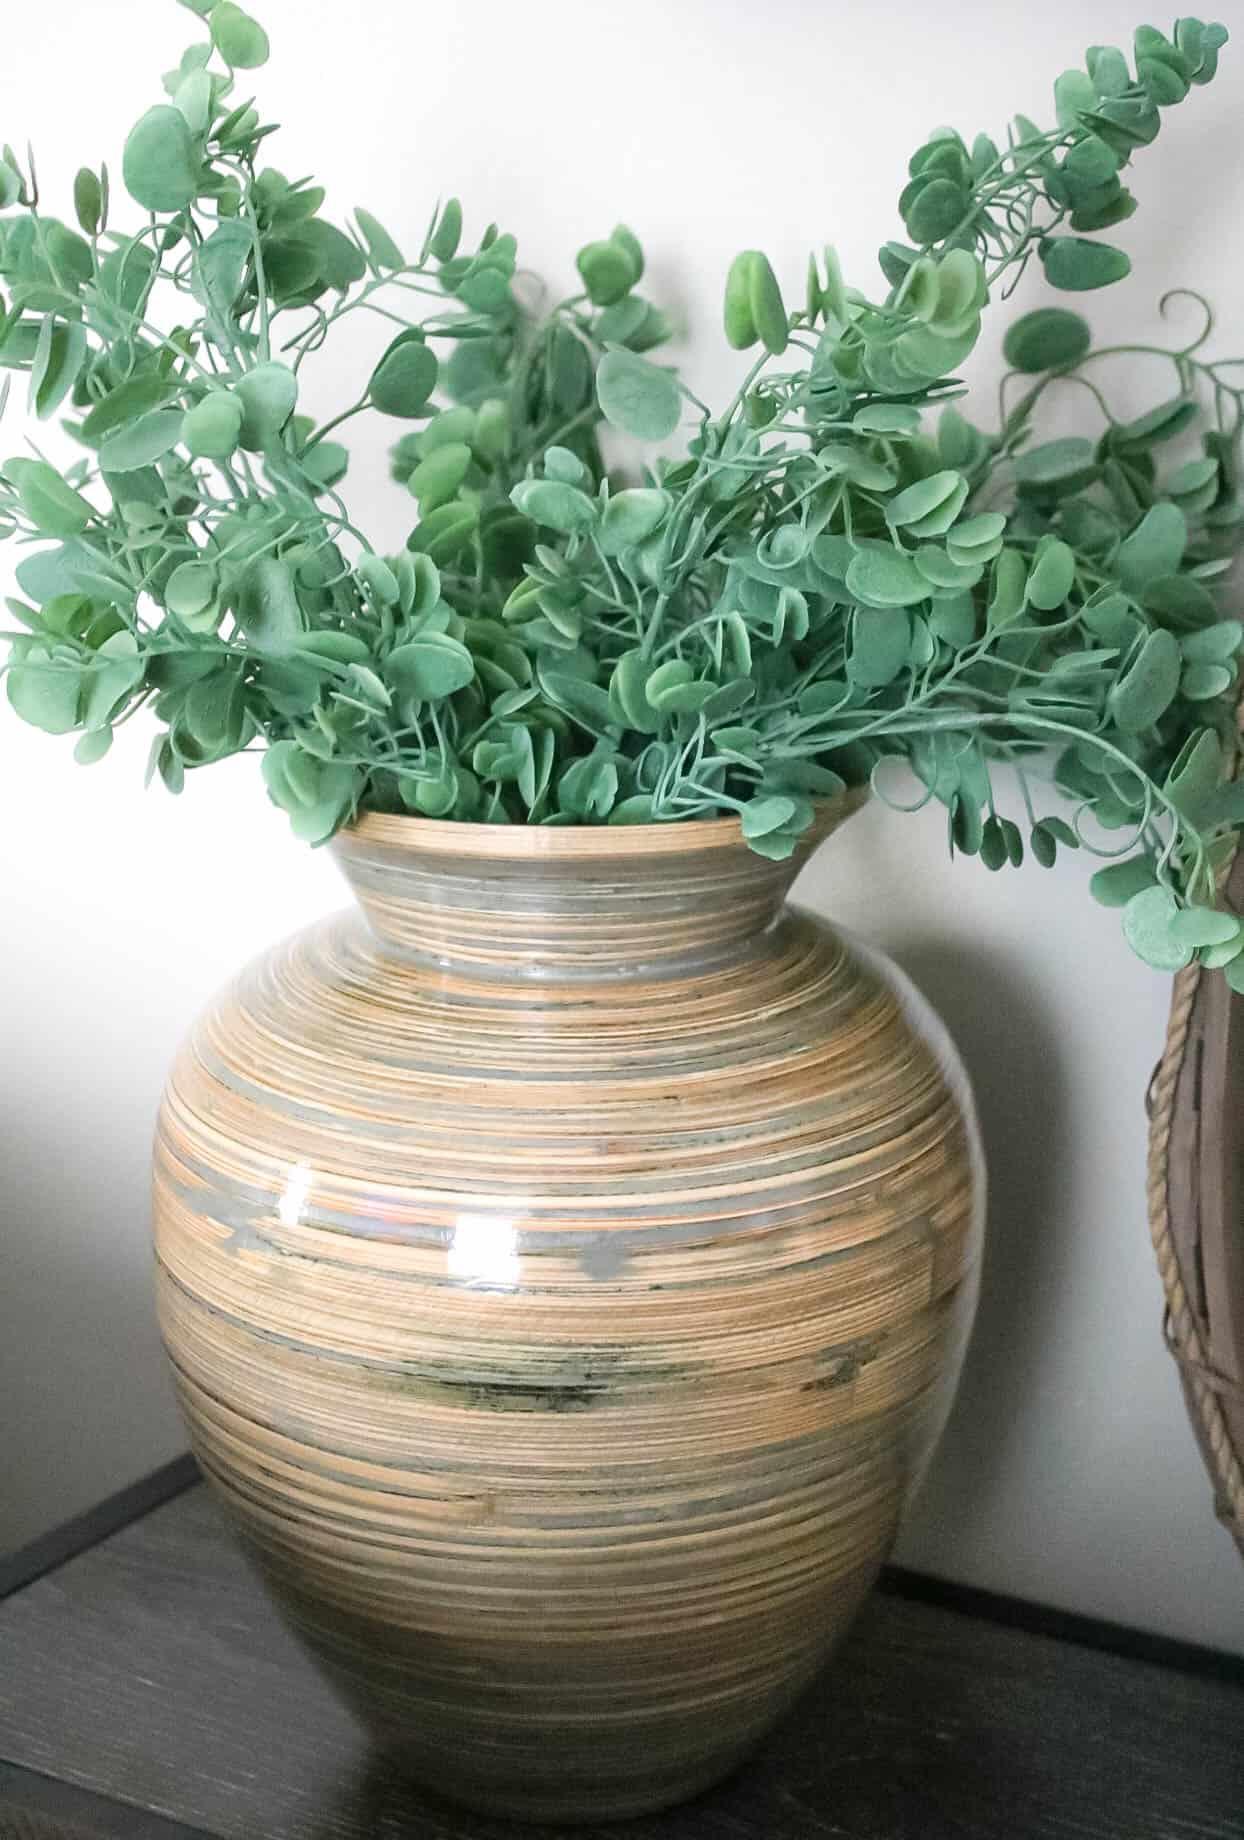 green stems in vase